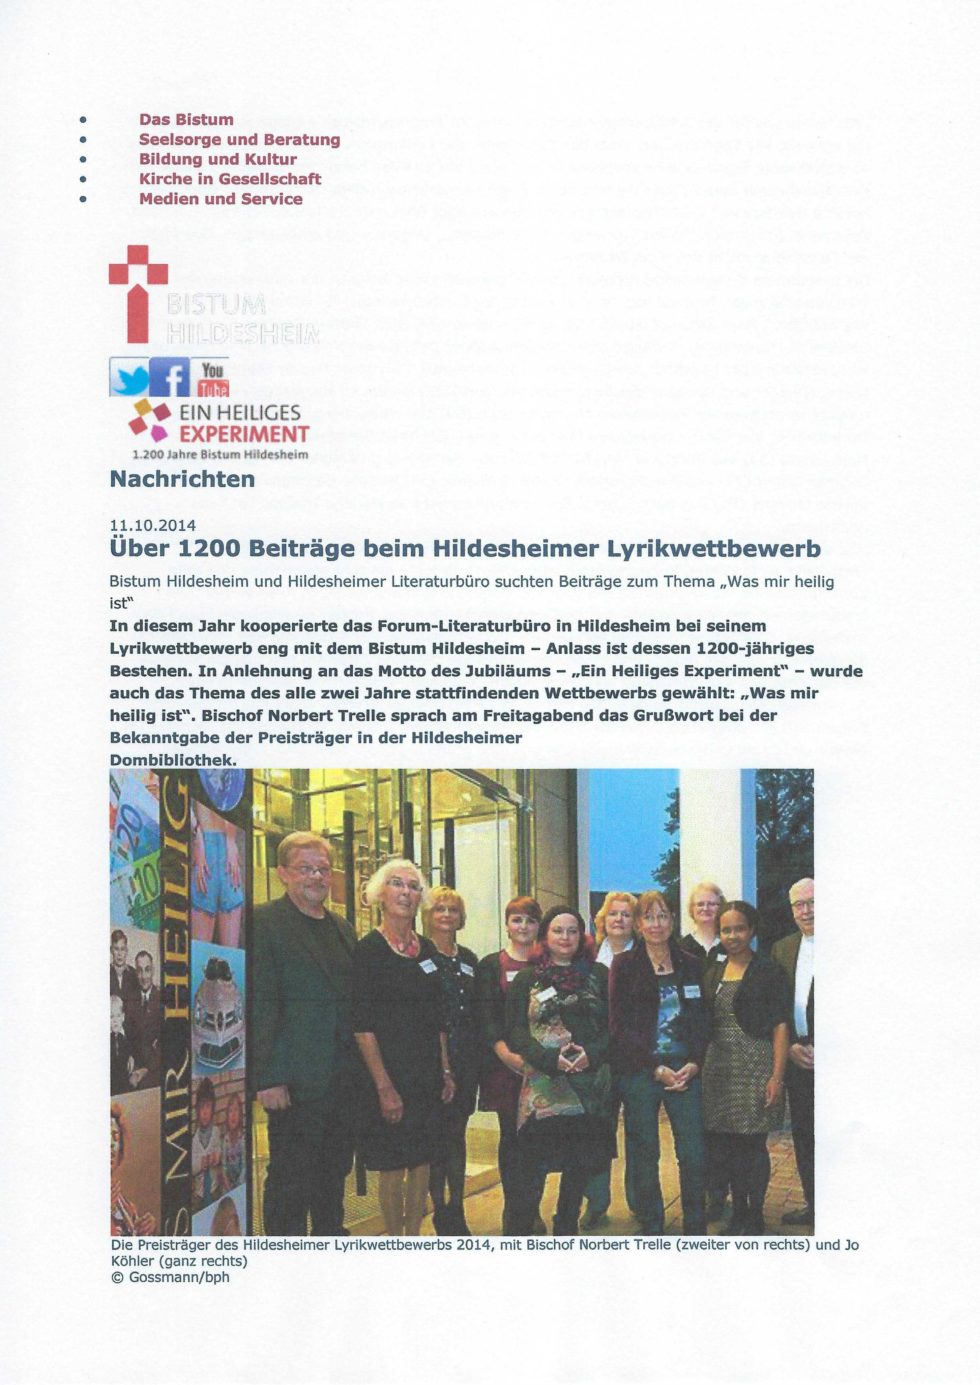 2014 Bistums Jubiläum, LeseZeichen, Morosov Vertonung_Seite_38